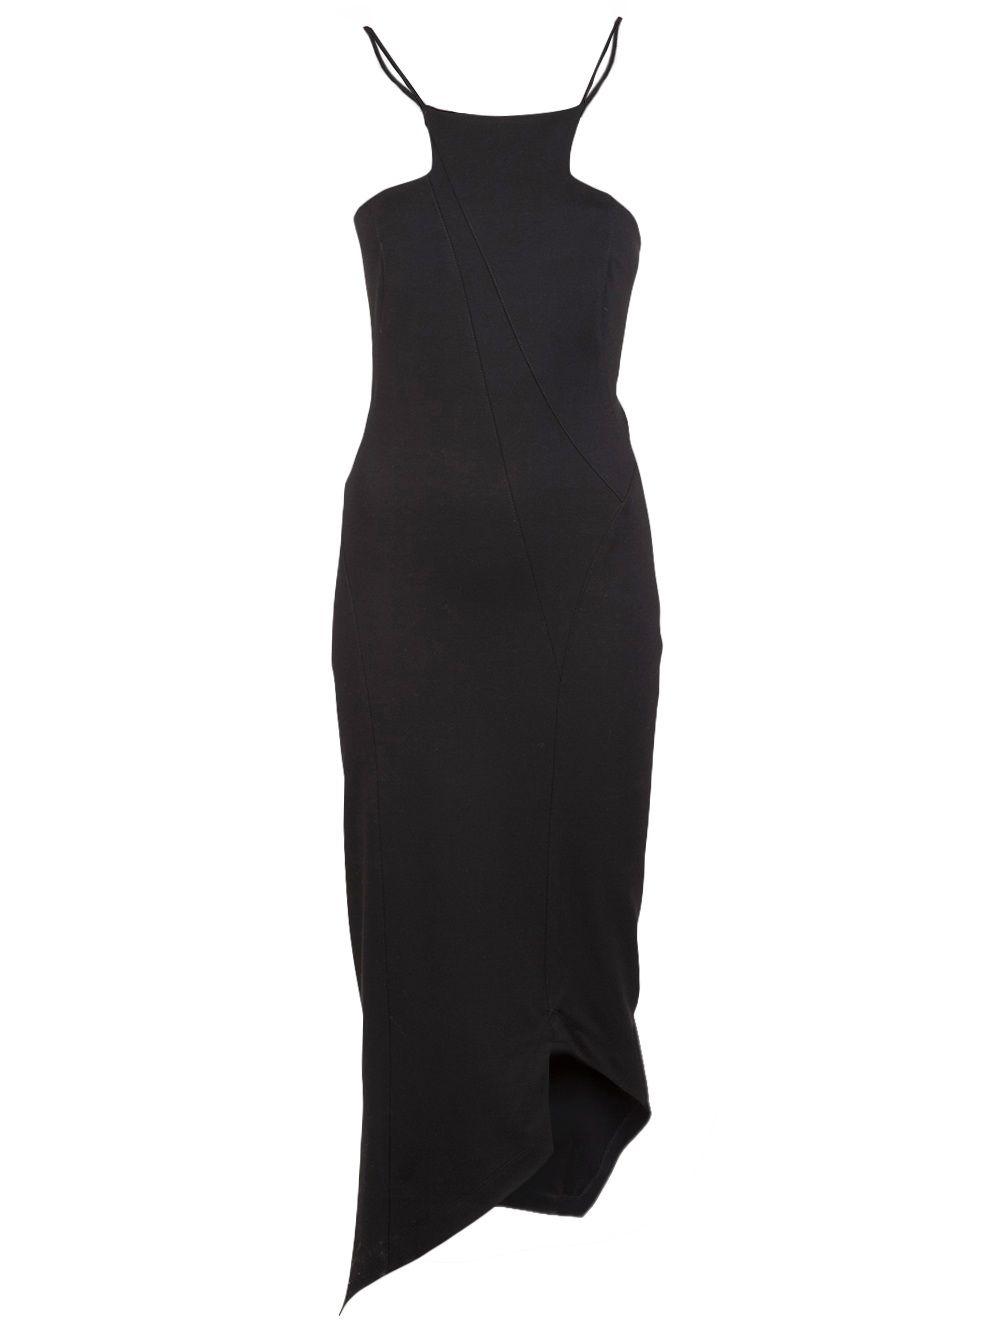 Oversized trench coat designer clothing fashion designers and